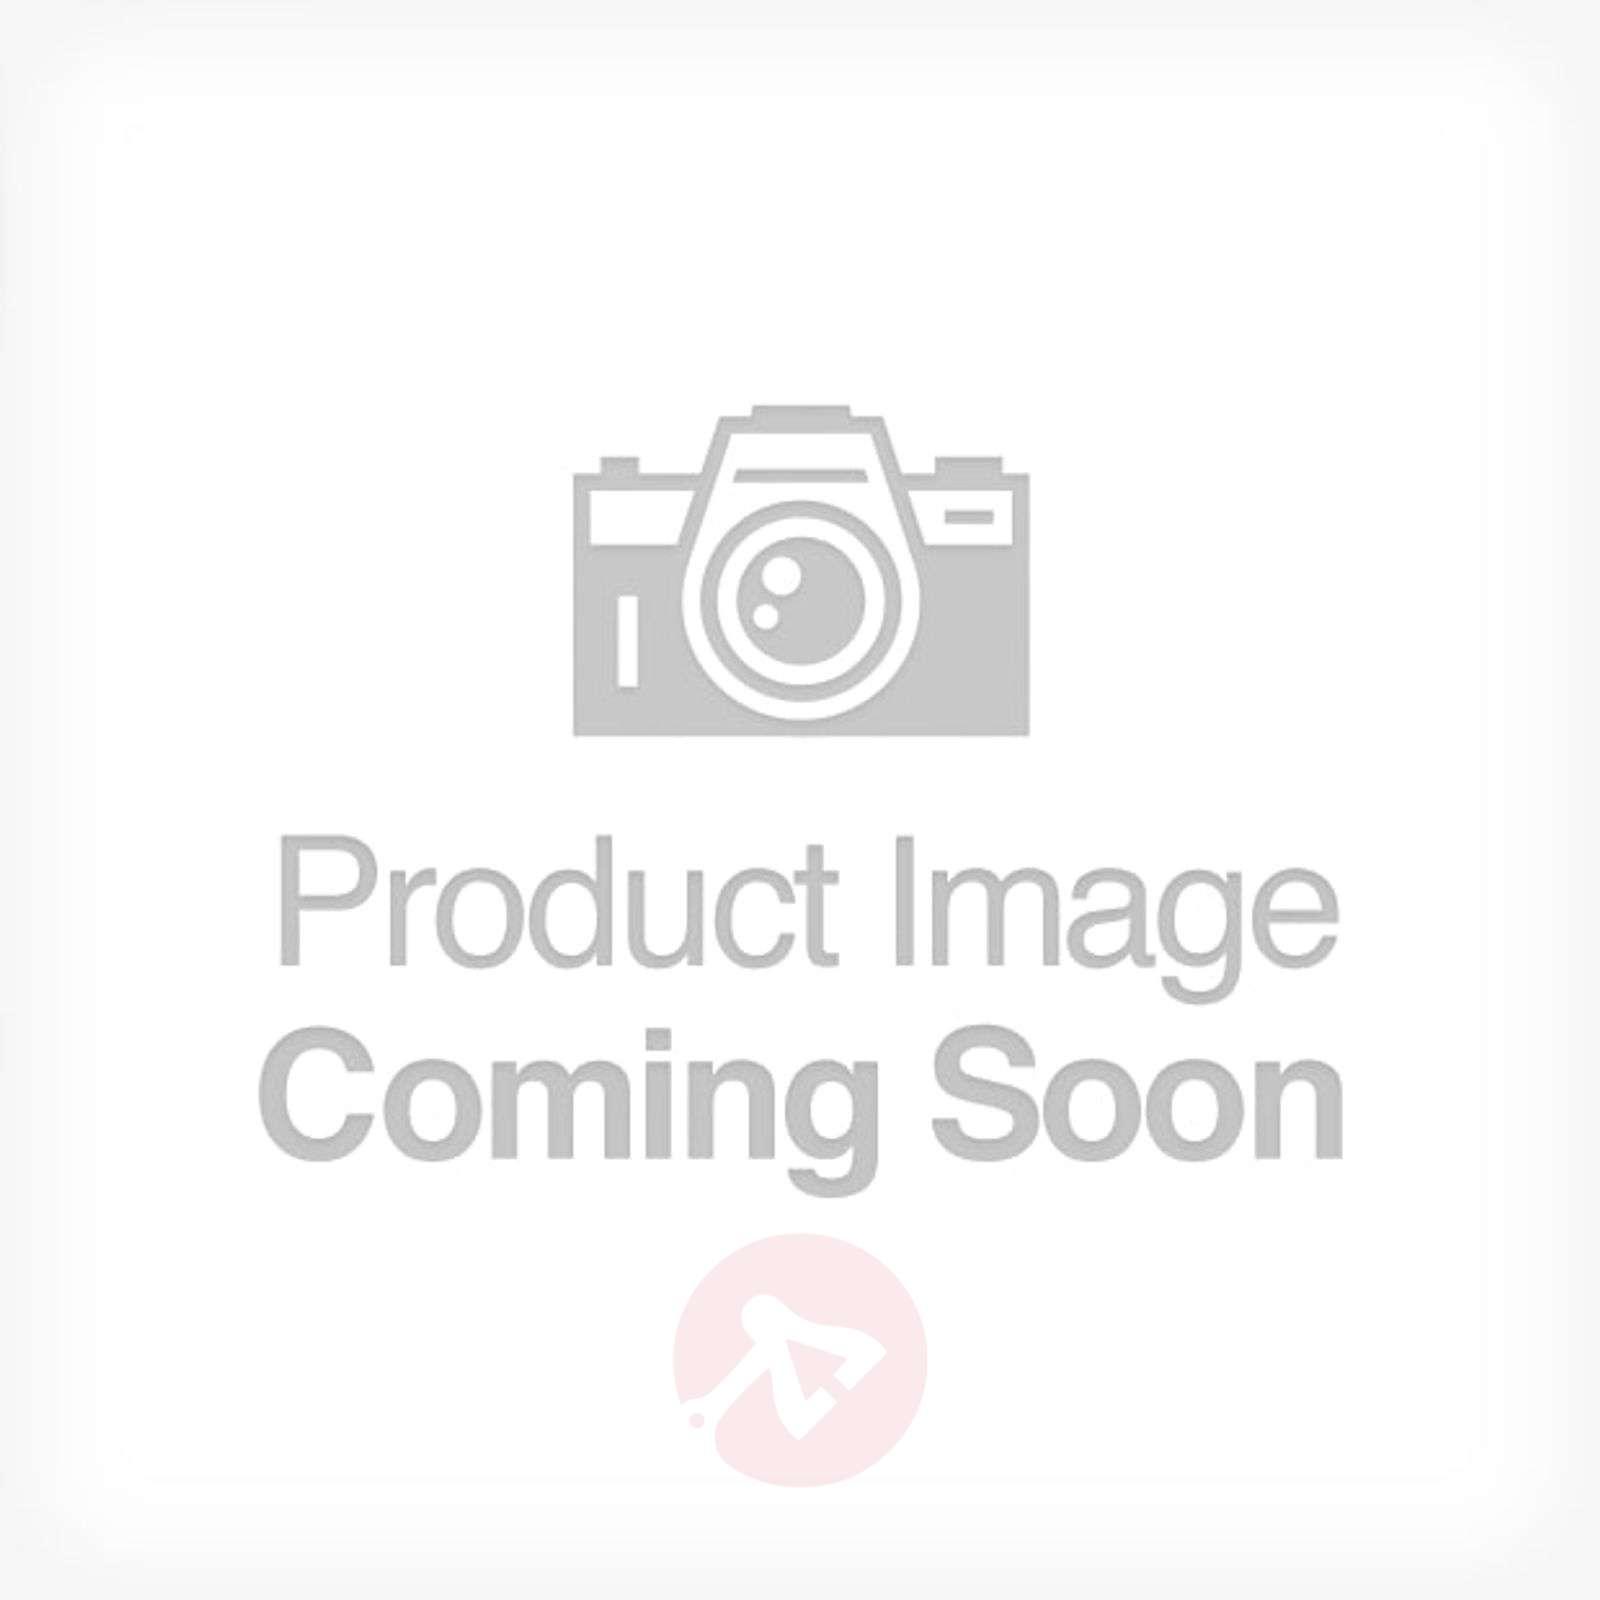 Goya LED Picture Light Stylish-1020318X-03